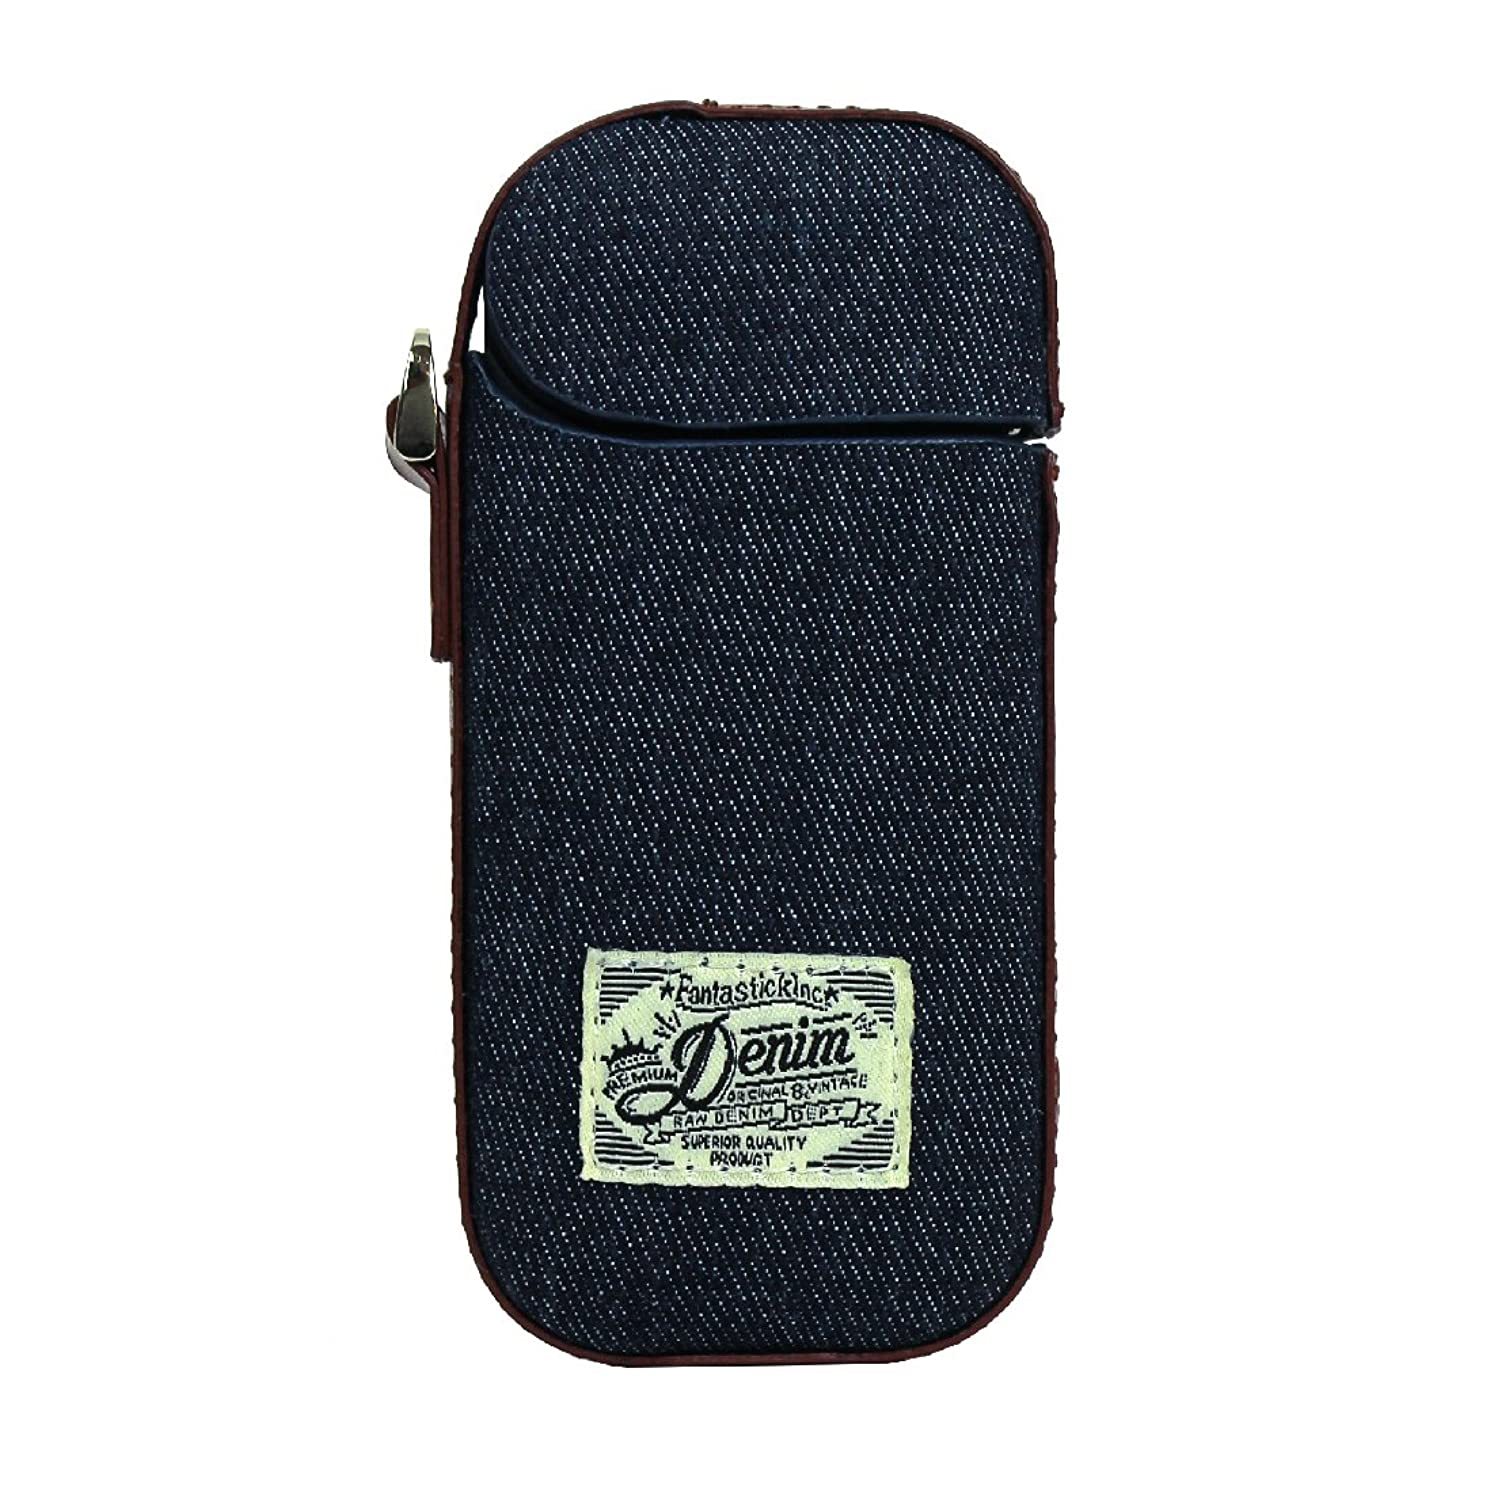 味付けスライムウサギFantastick 喫煙具 インディゴ サイズ:12×3×6cm